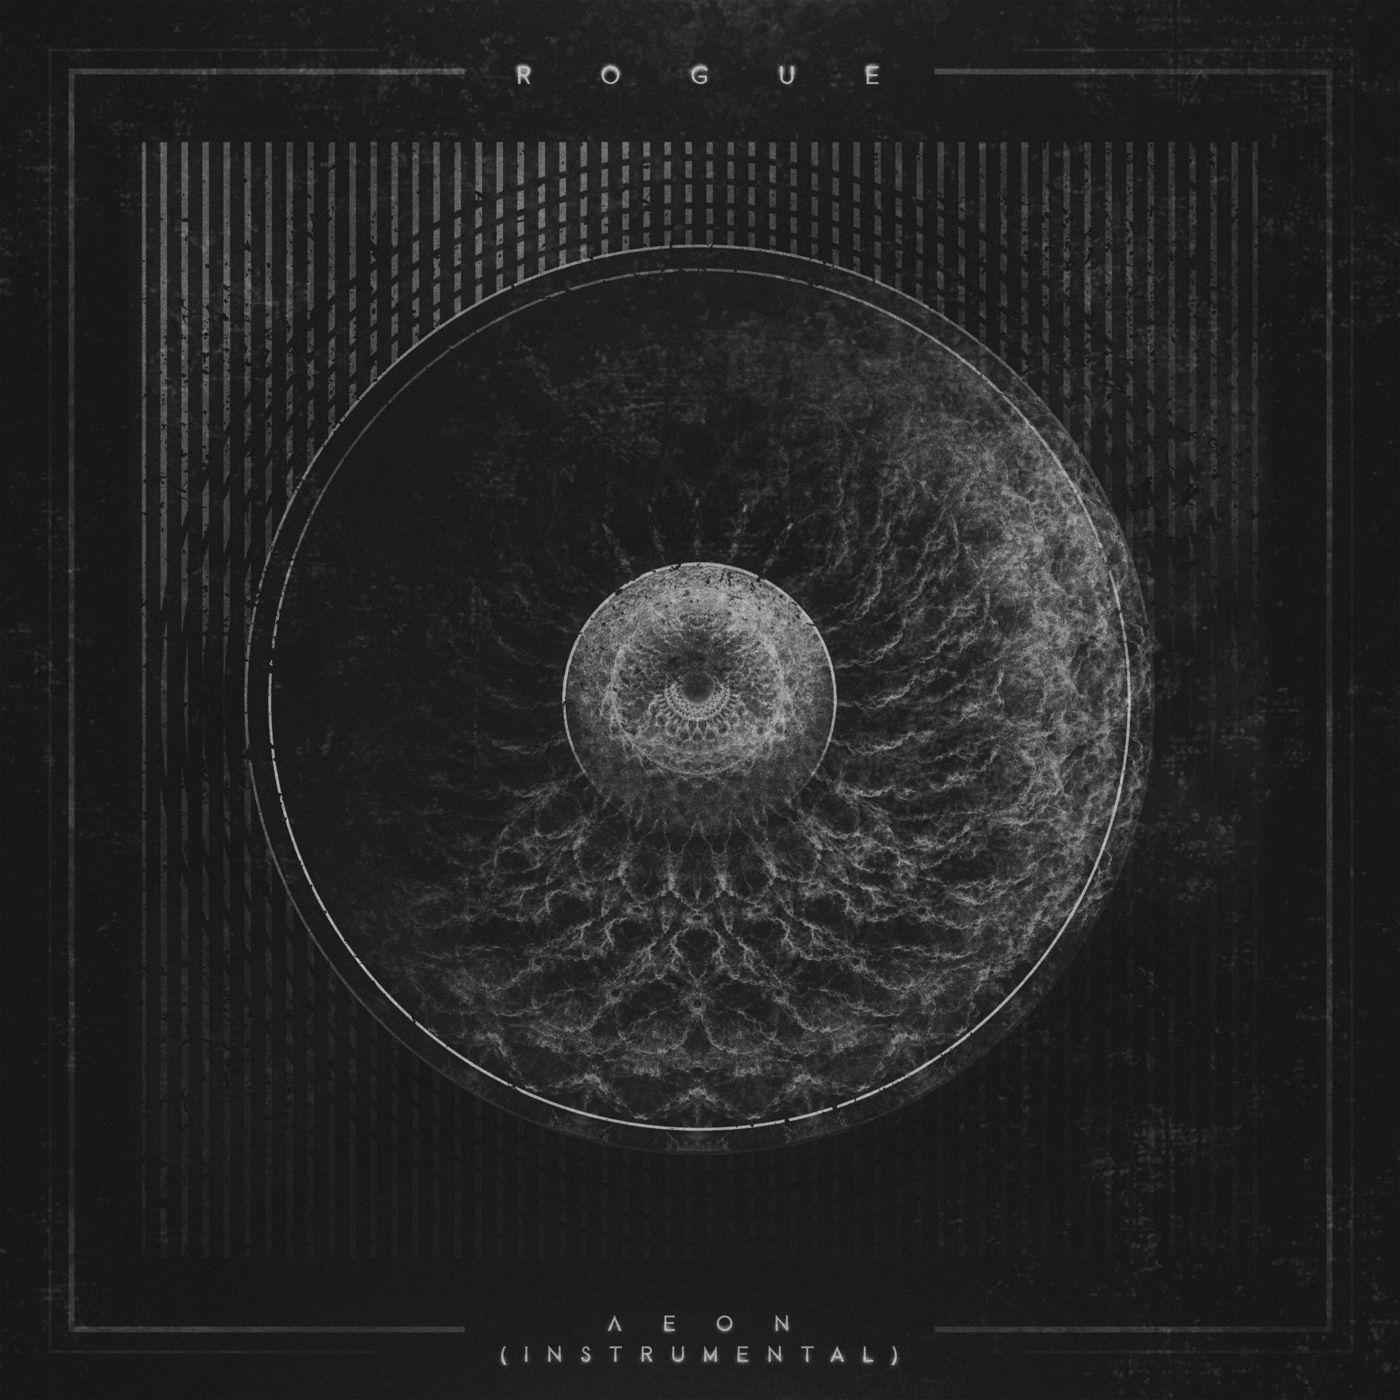 Rogue - Aeon (Instrumental) [EP] (2020)